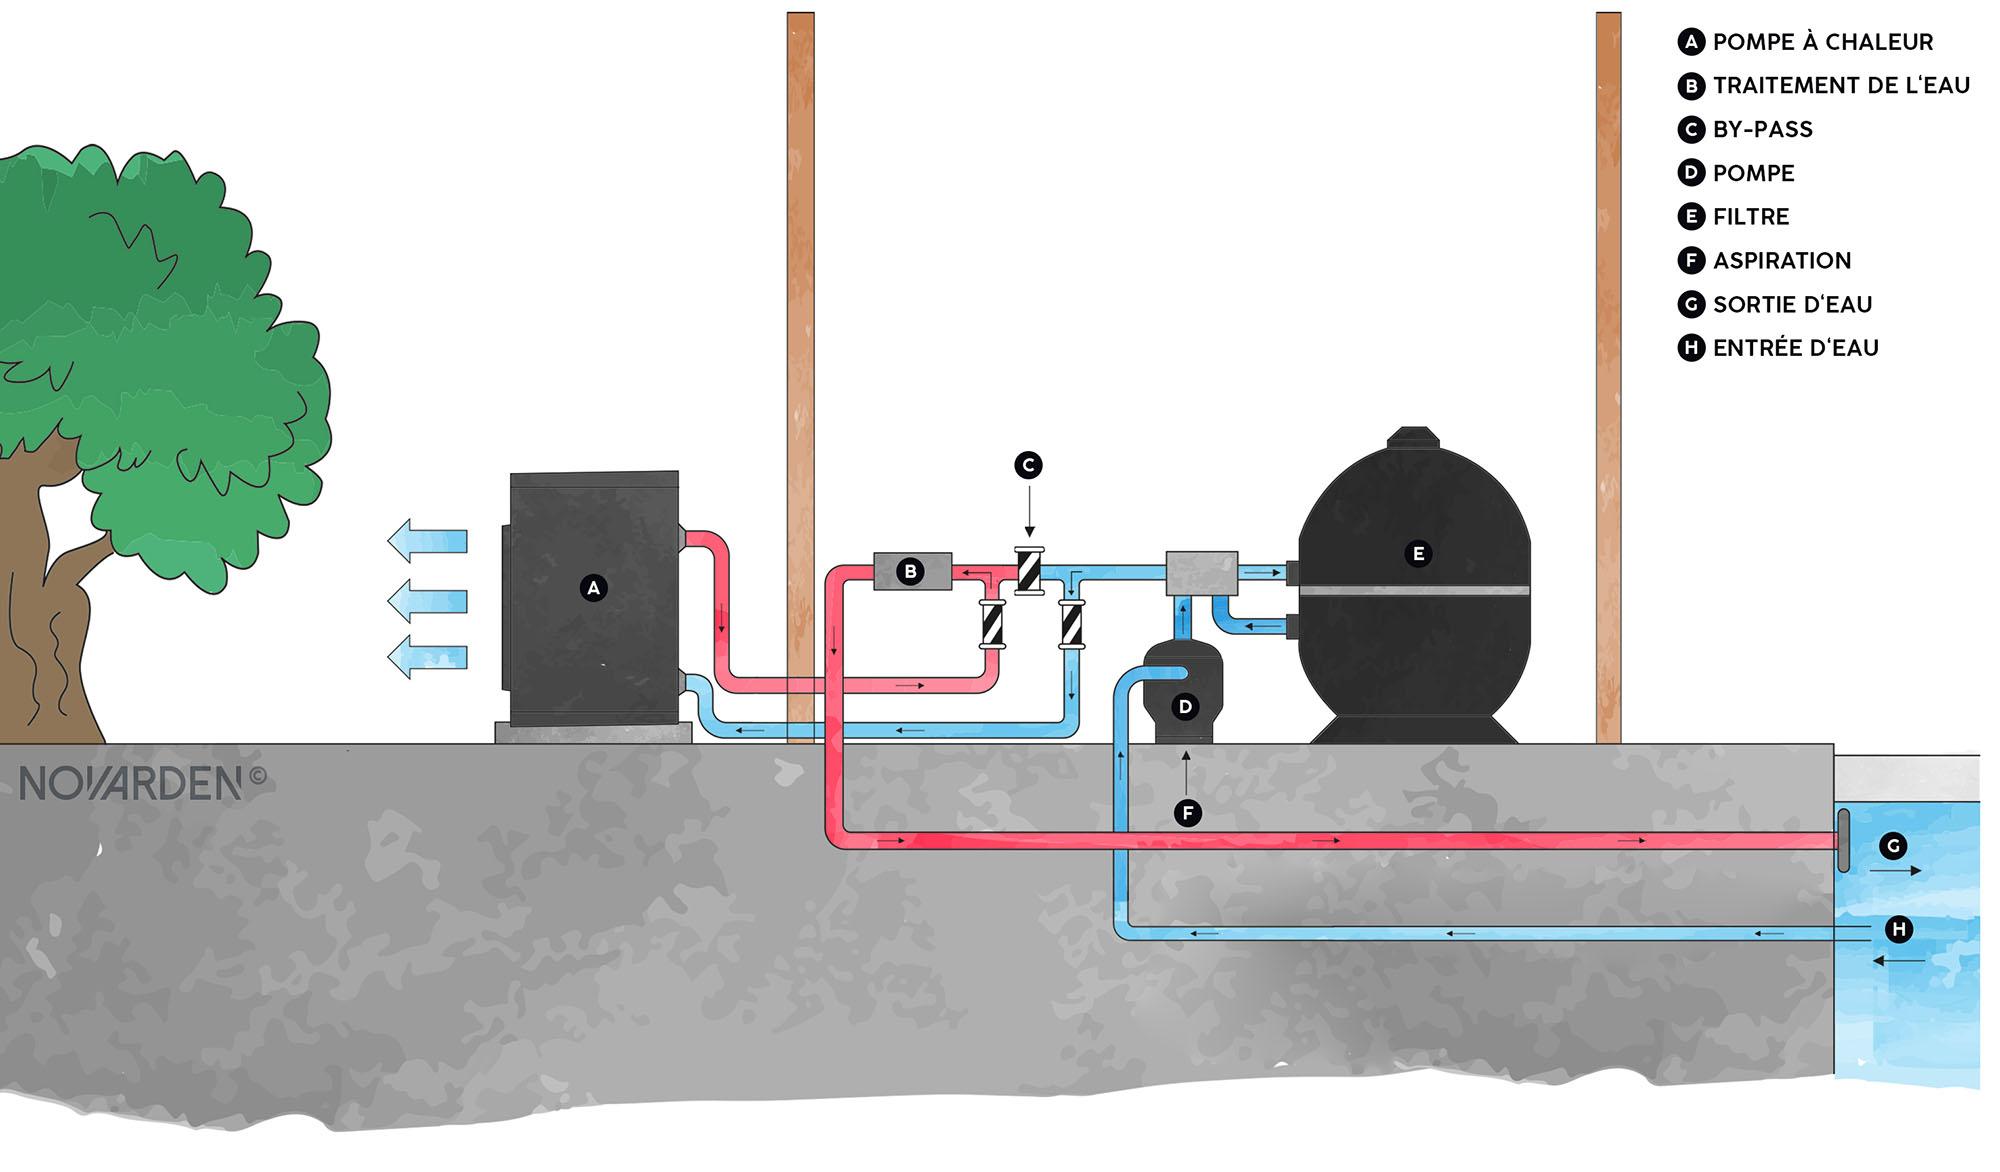 Installation pompe a chaleur de piscine NOVARDEN